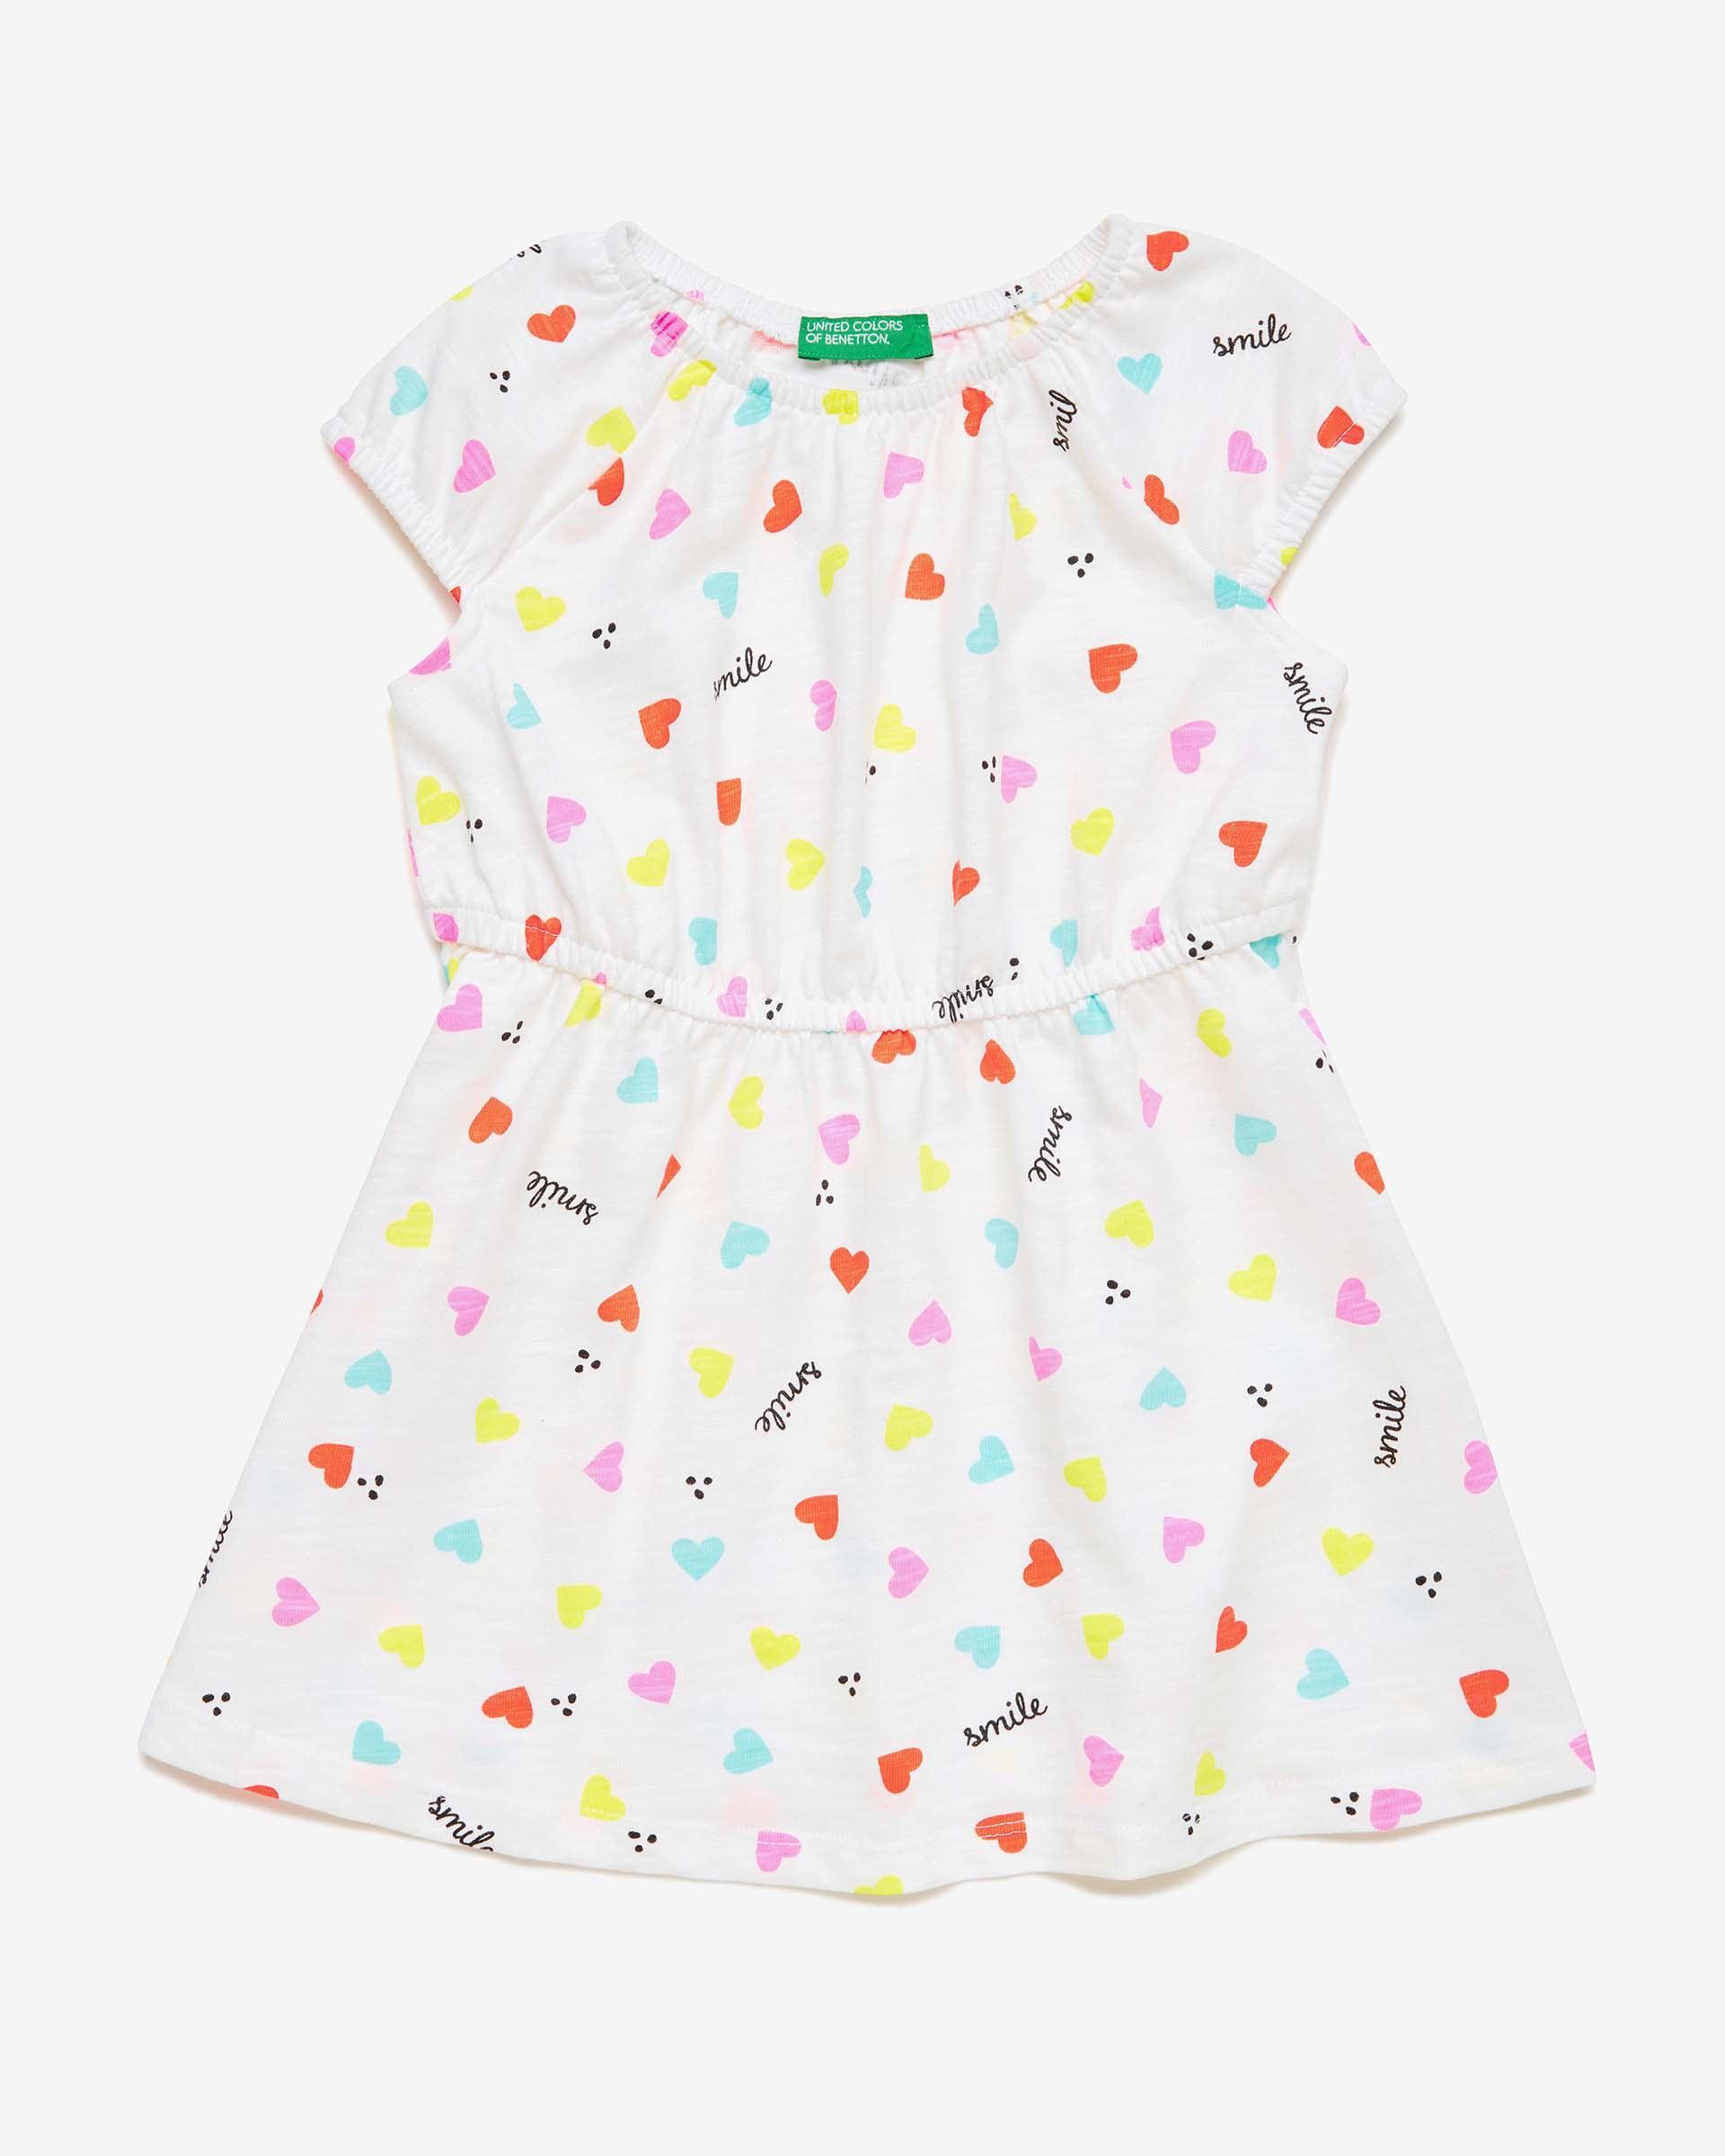 Купить 20P_3PL0F1A6P_65Y, Платье для девочек Benetton 3PL0F1A6P_65Y р-р 110, United Colors of Benetton, Платья для девочек